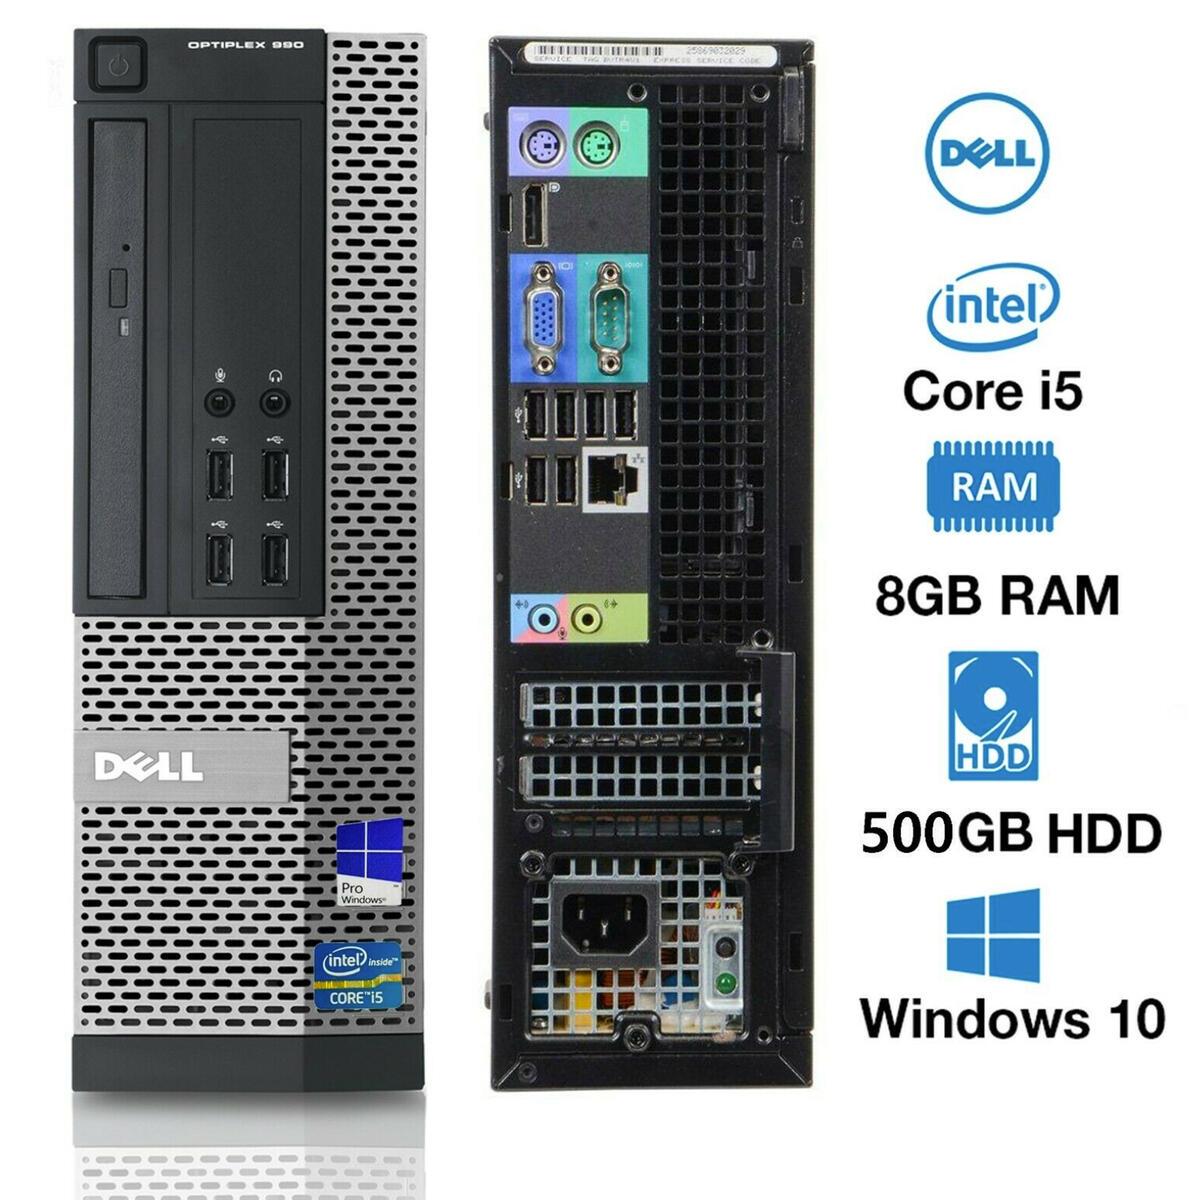 DELL OPTIPLEX 990 SFF I5-2500 3.30GHZ, 8GB RAM, 500GB HDD, DVD-ROM, WIN-10 PRO.